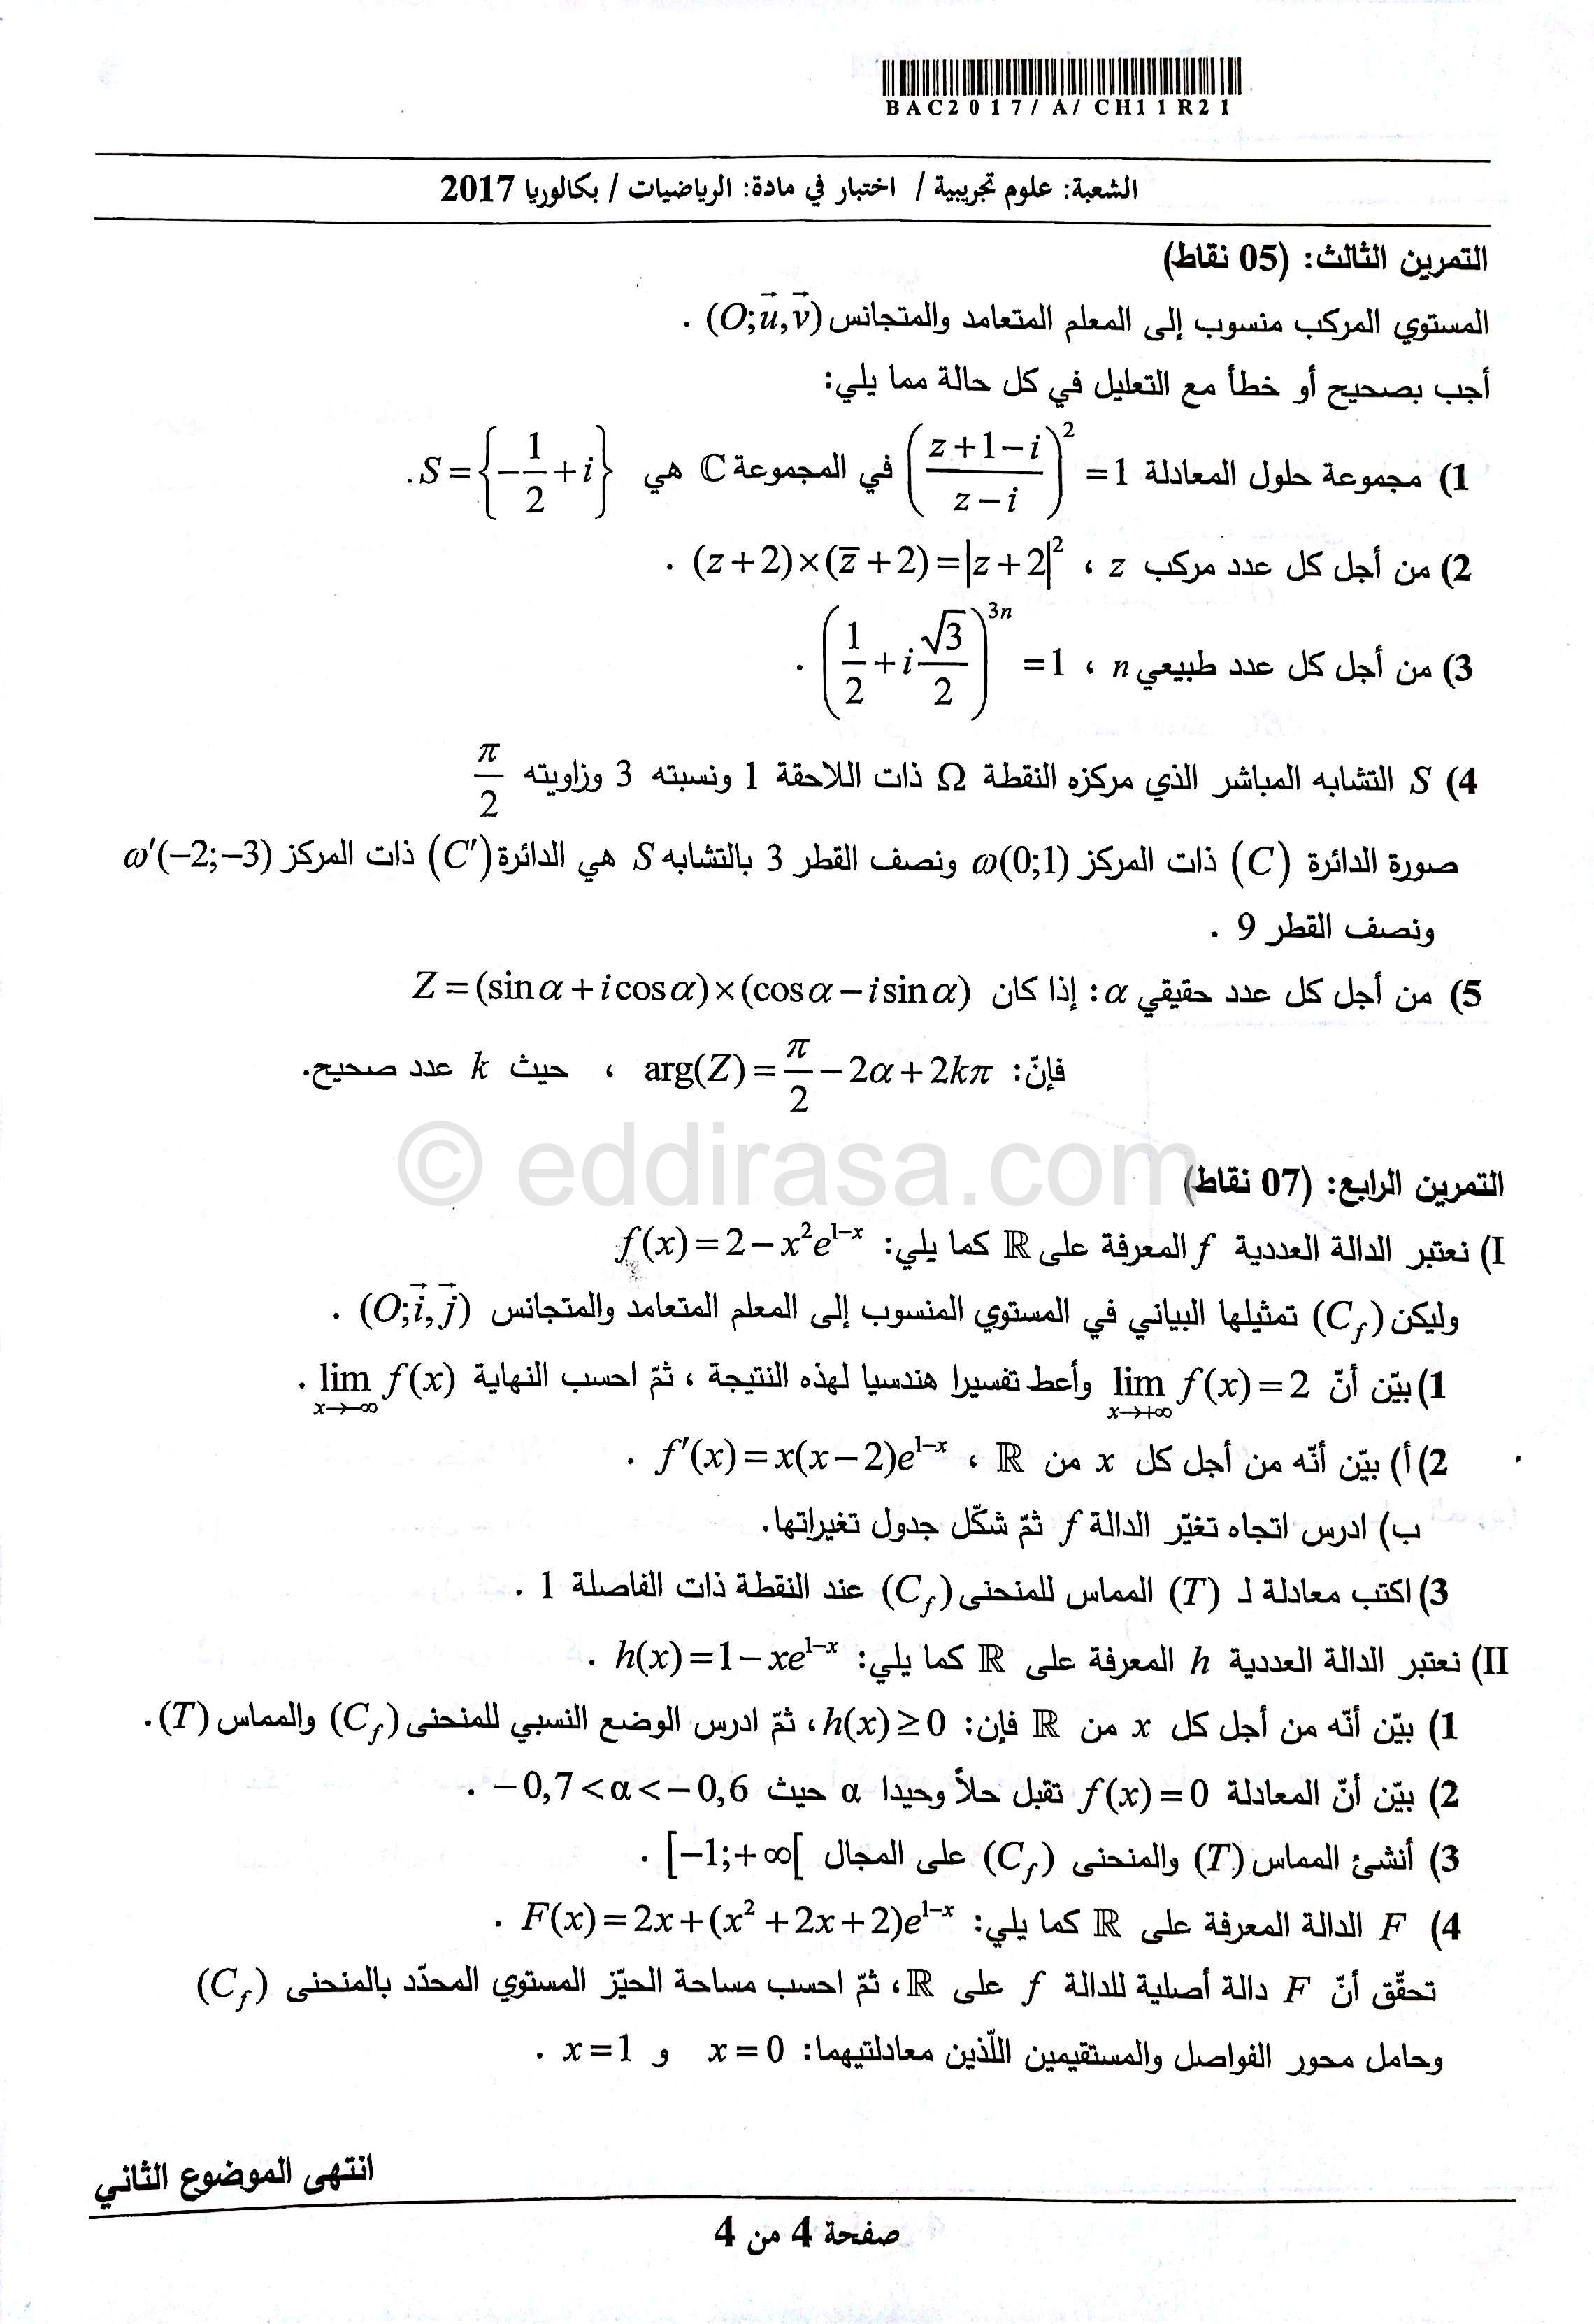 موضوع الرياضيات شعبة علوم تجريبية بكالوريا 2017 | Bac - 2020, البكالوريا